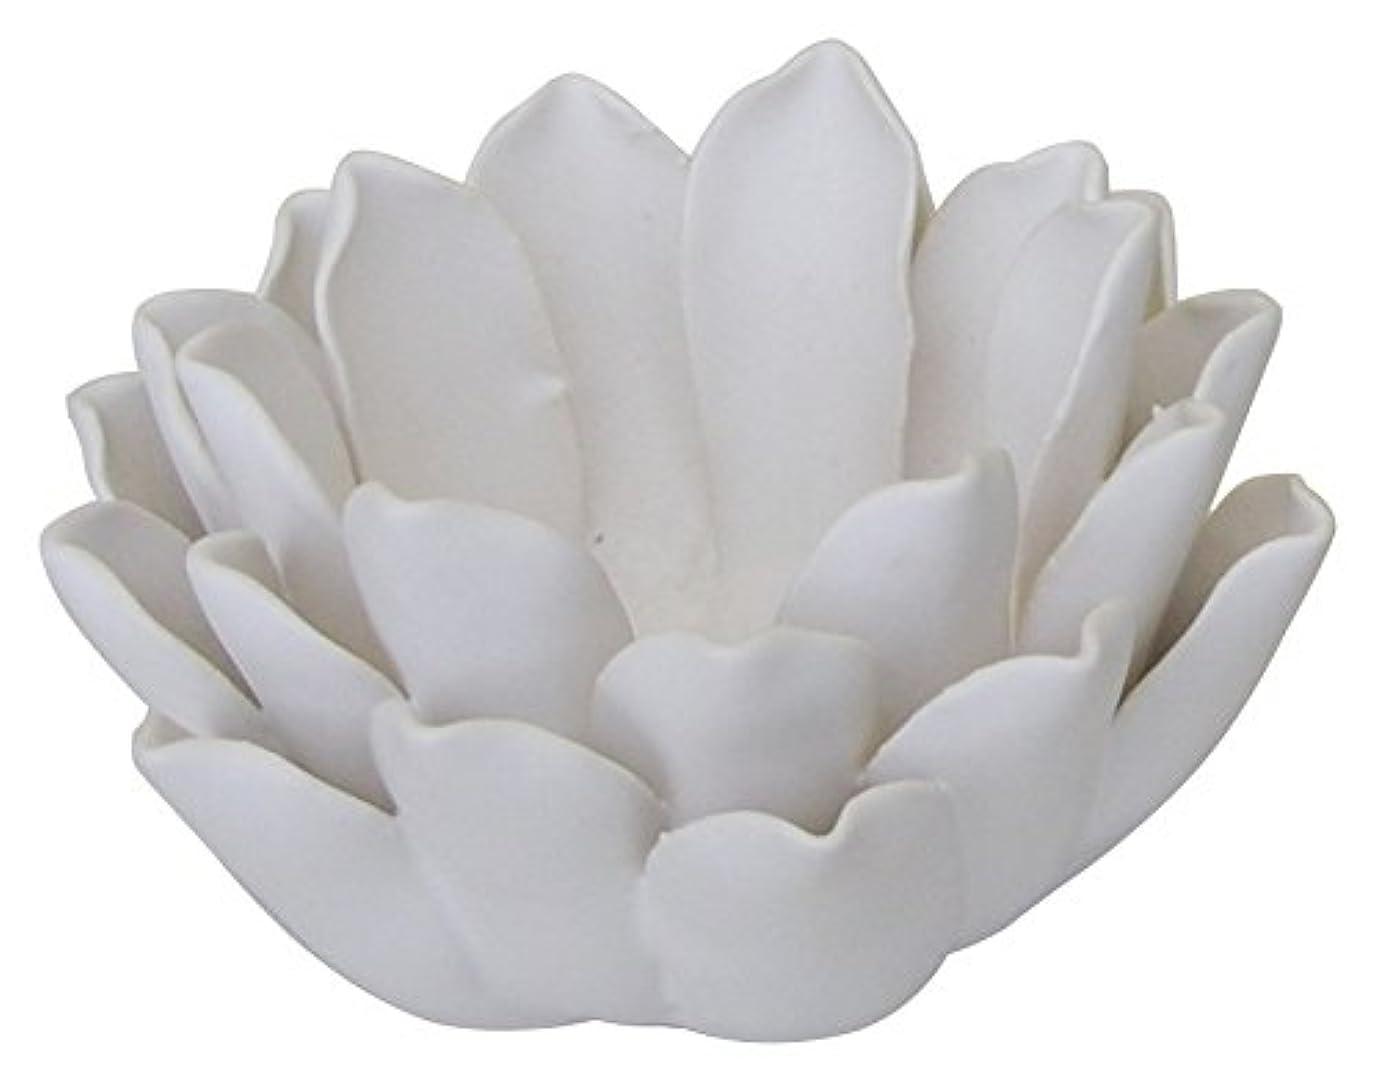 誘惑する悲観主義者アクセシブルマルエス 燭台 陶器製 ロータス 小 ホワイト